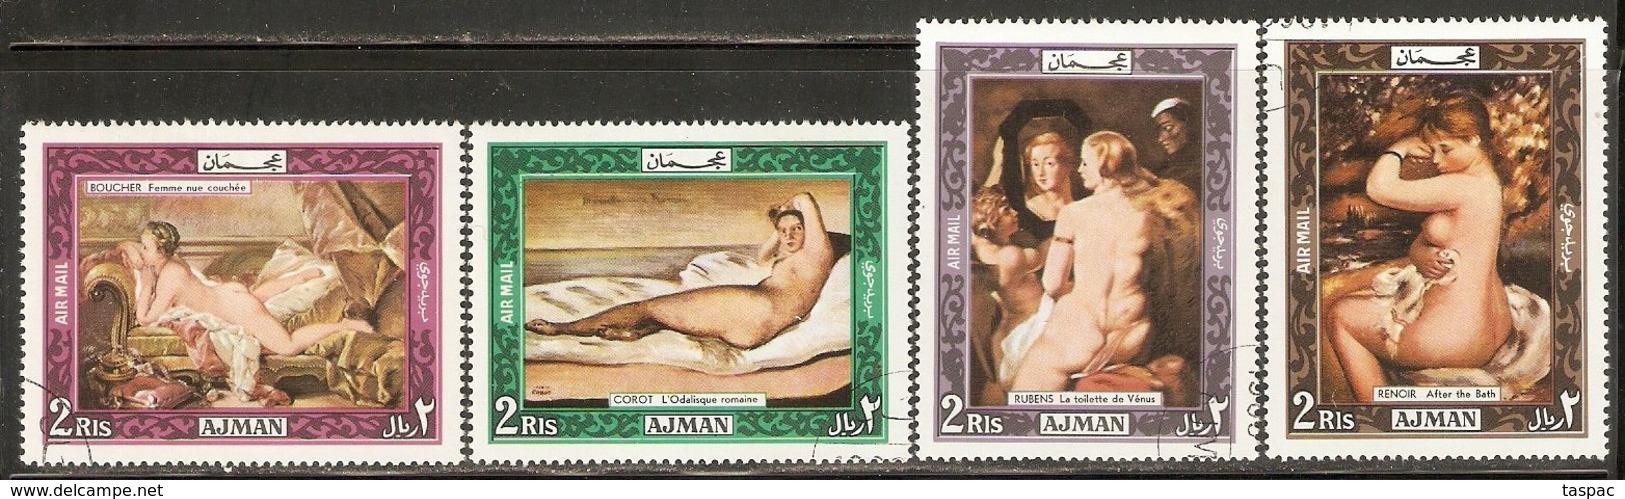 Ajman 1969 Mi# 435-438 A Used - Nude Paintings - Ajman